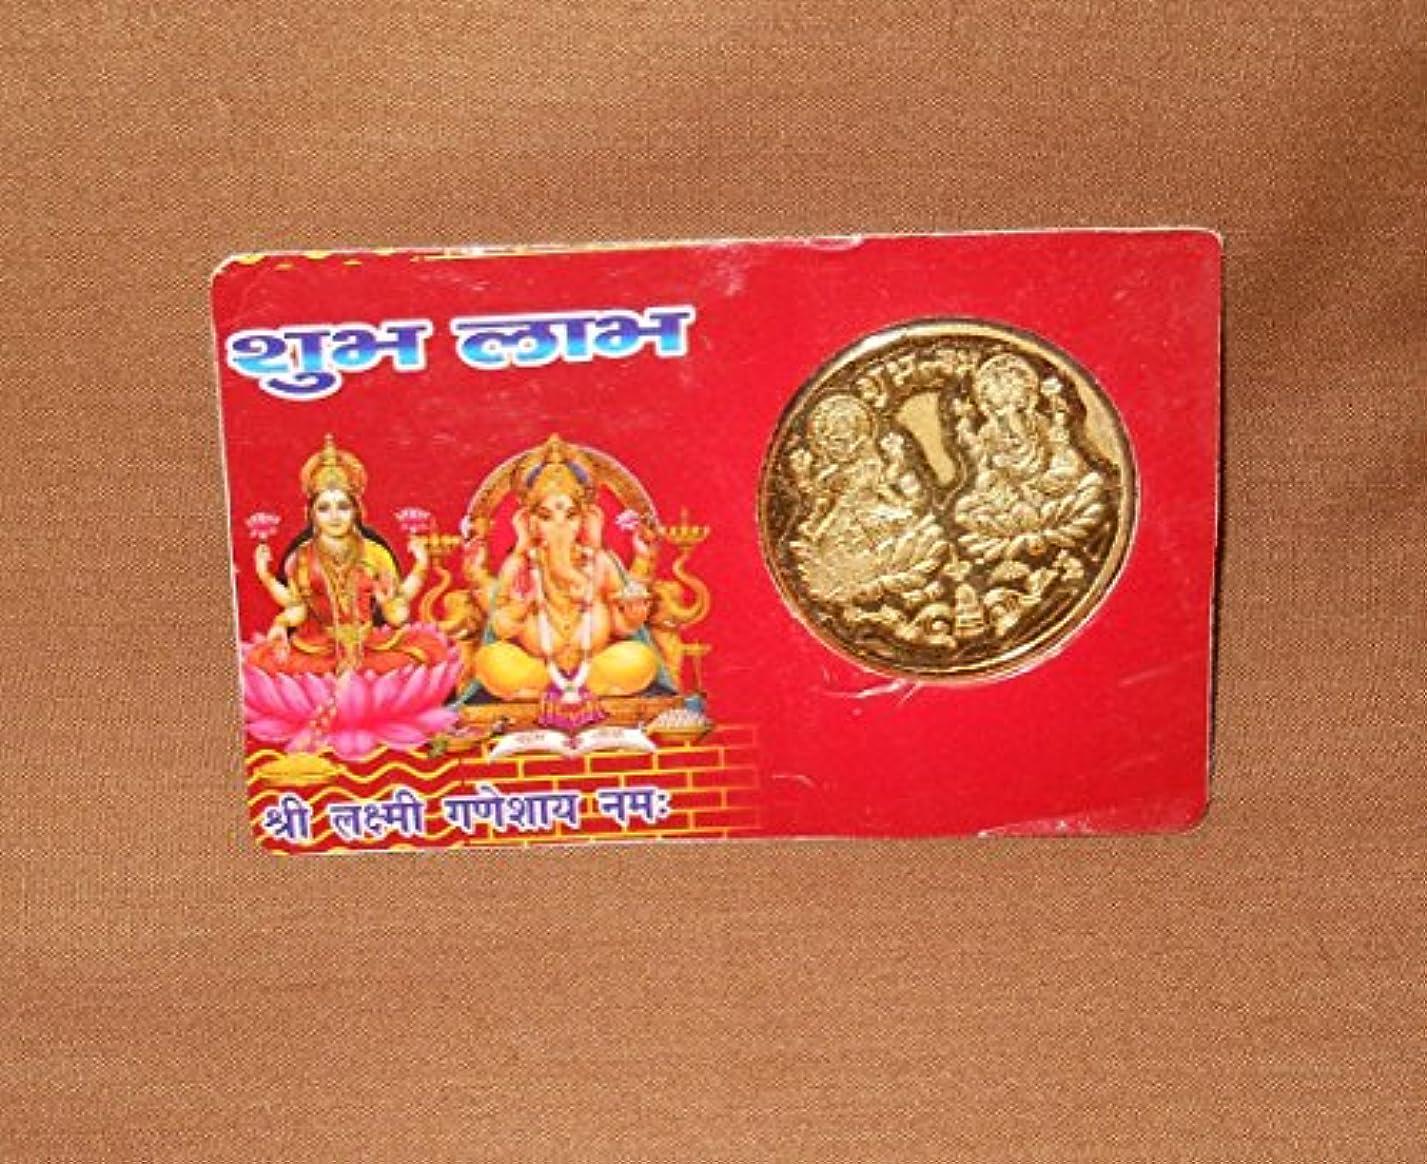 思い出させる祭りサミュエルSacred Blessed Subh Labh Lakshmi GaneshヤントラCoin – Luck Money Laxmiガネーシャ